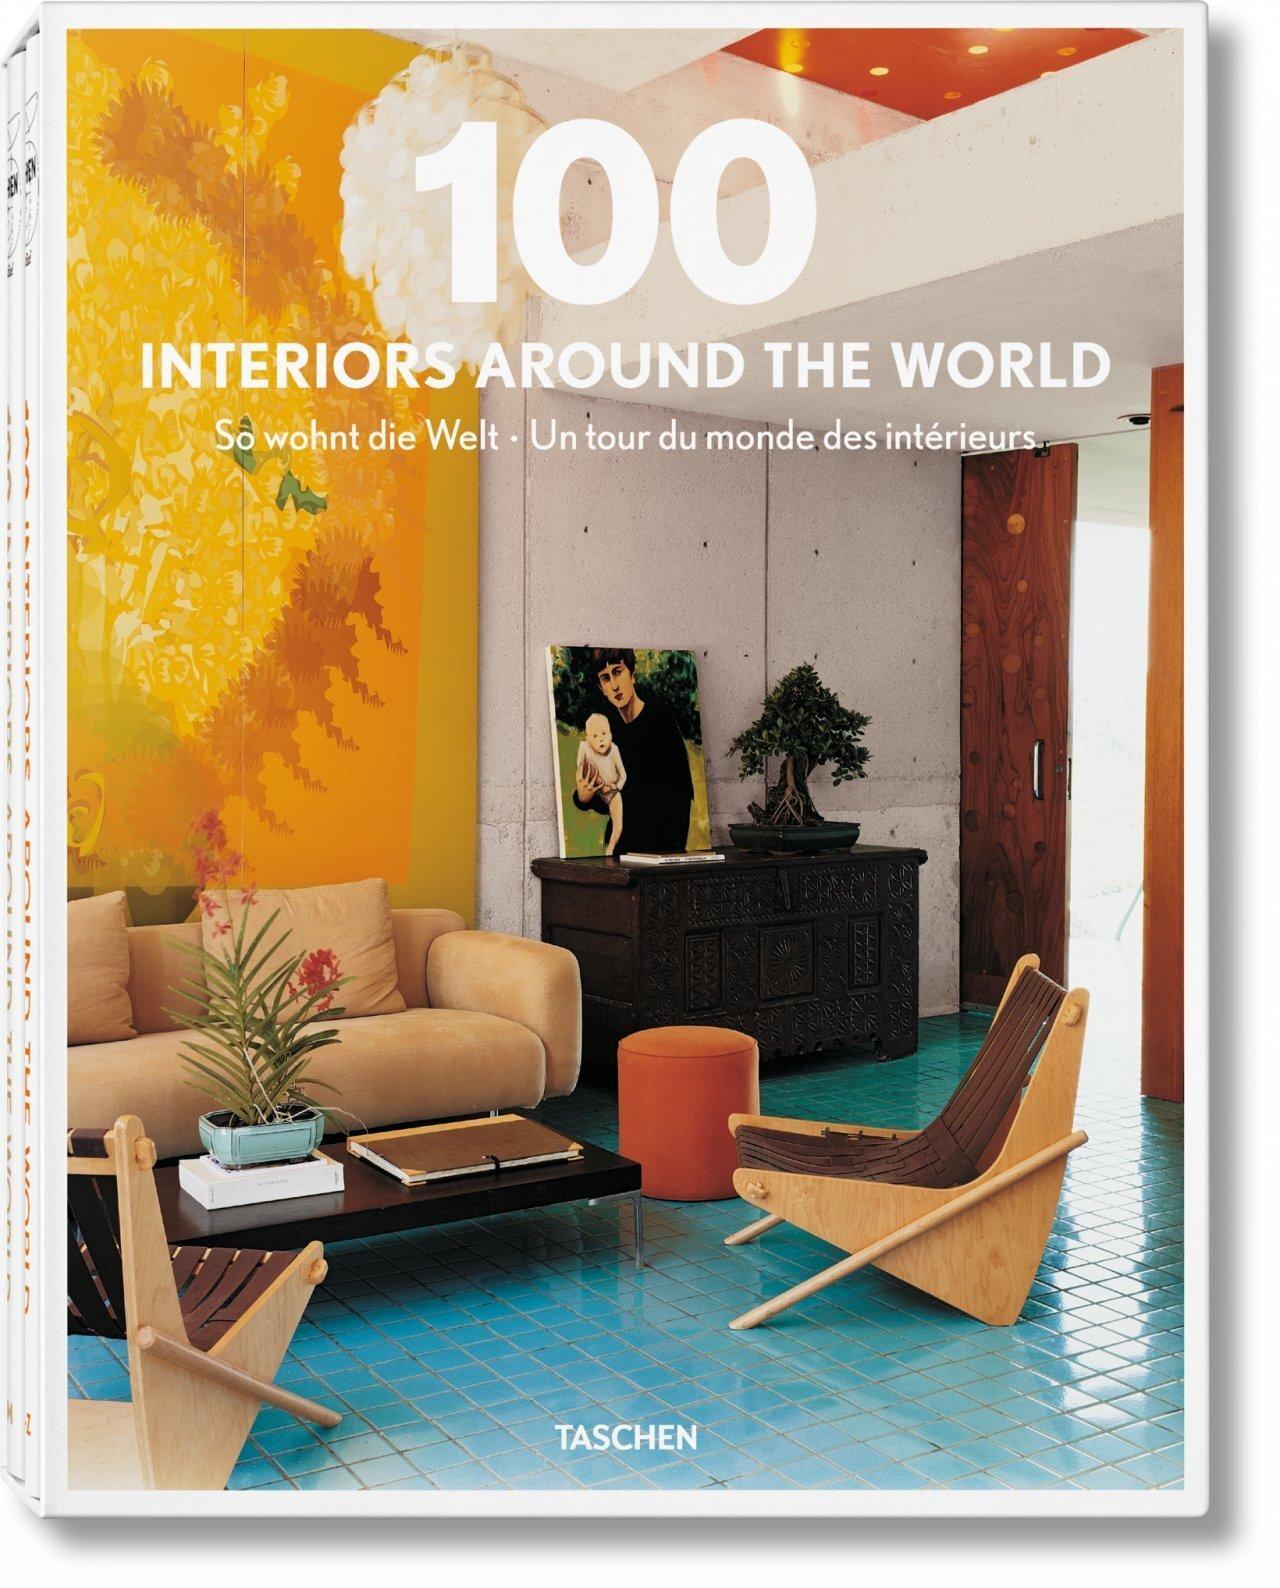 100 INTERIORS AROUND THE WORLD - JU